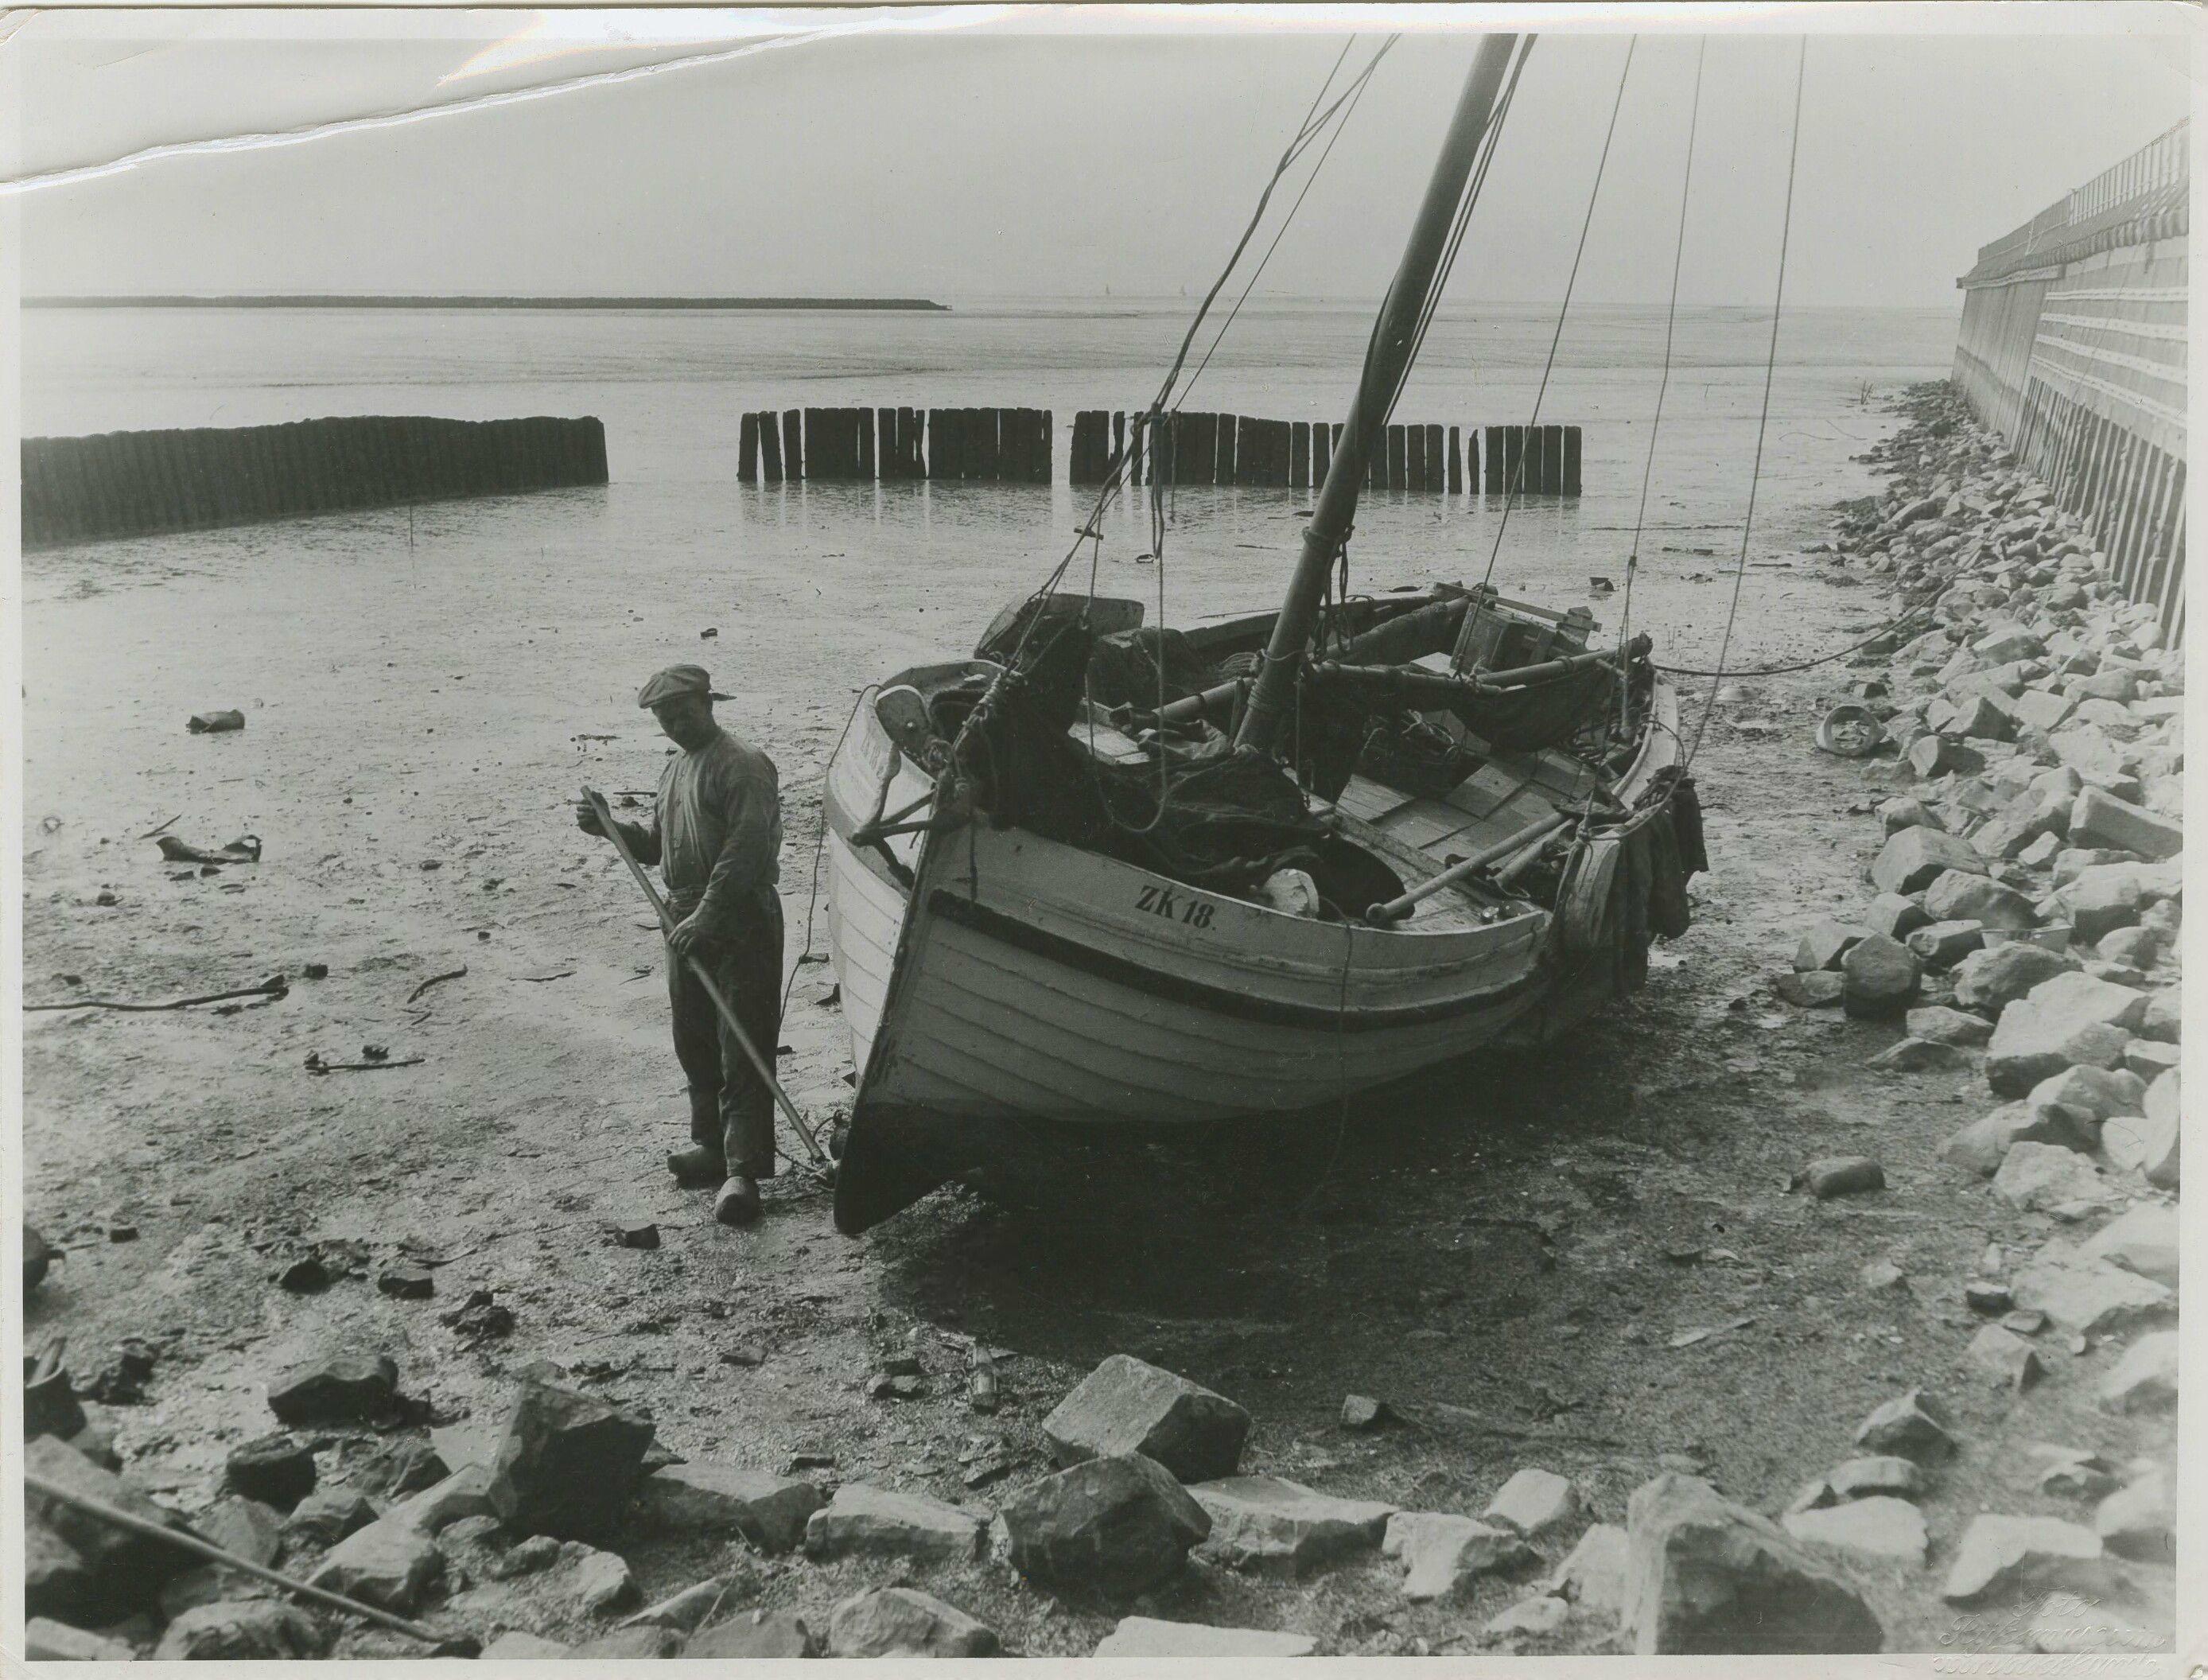 1930-1940-De-vissersboot-ZK-18-op-het-drooggevallen-wad-nabij-Zoutkamp.jpg (2776×2112)